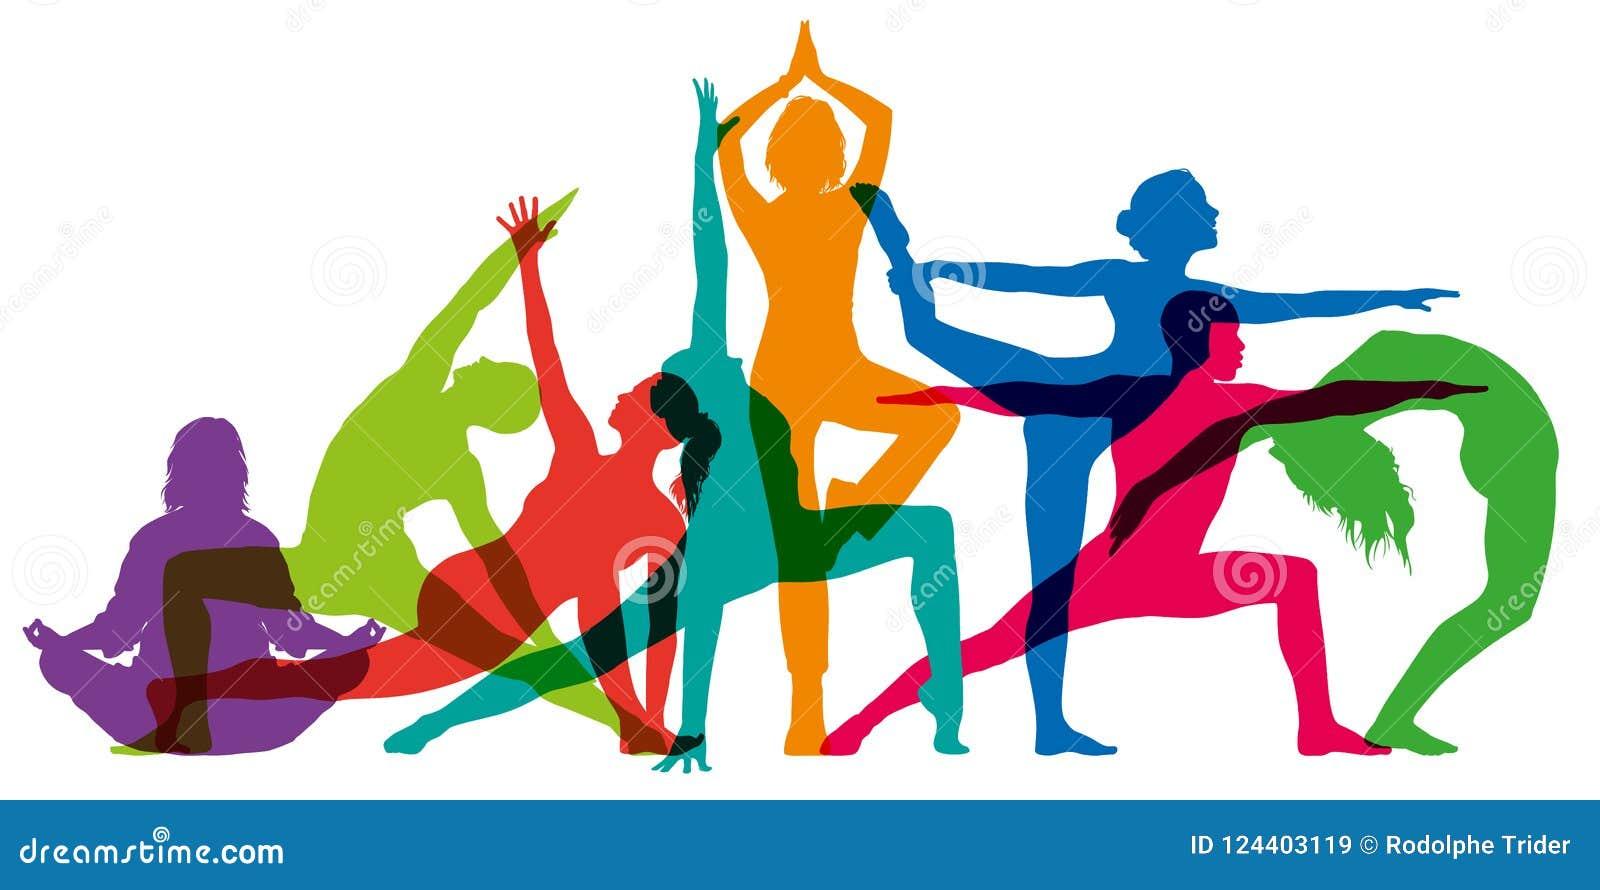 Insieme delle siluette femminili variopinte che illustrano le posizioni di yoga